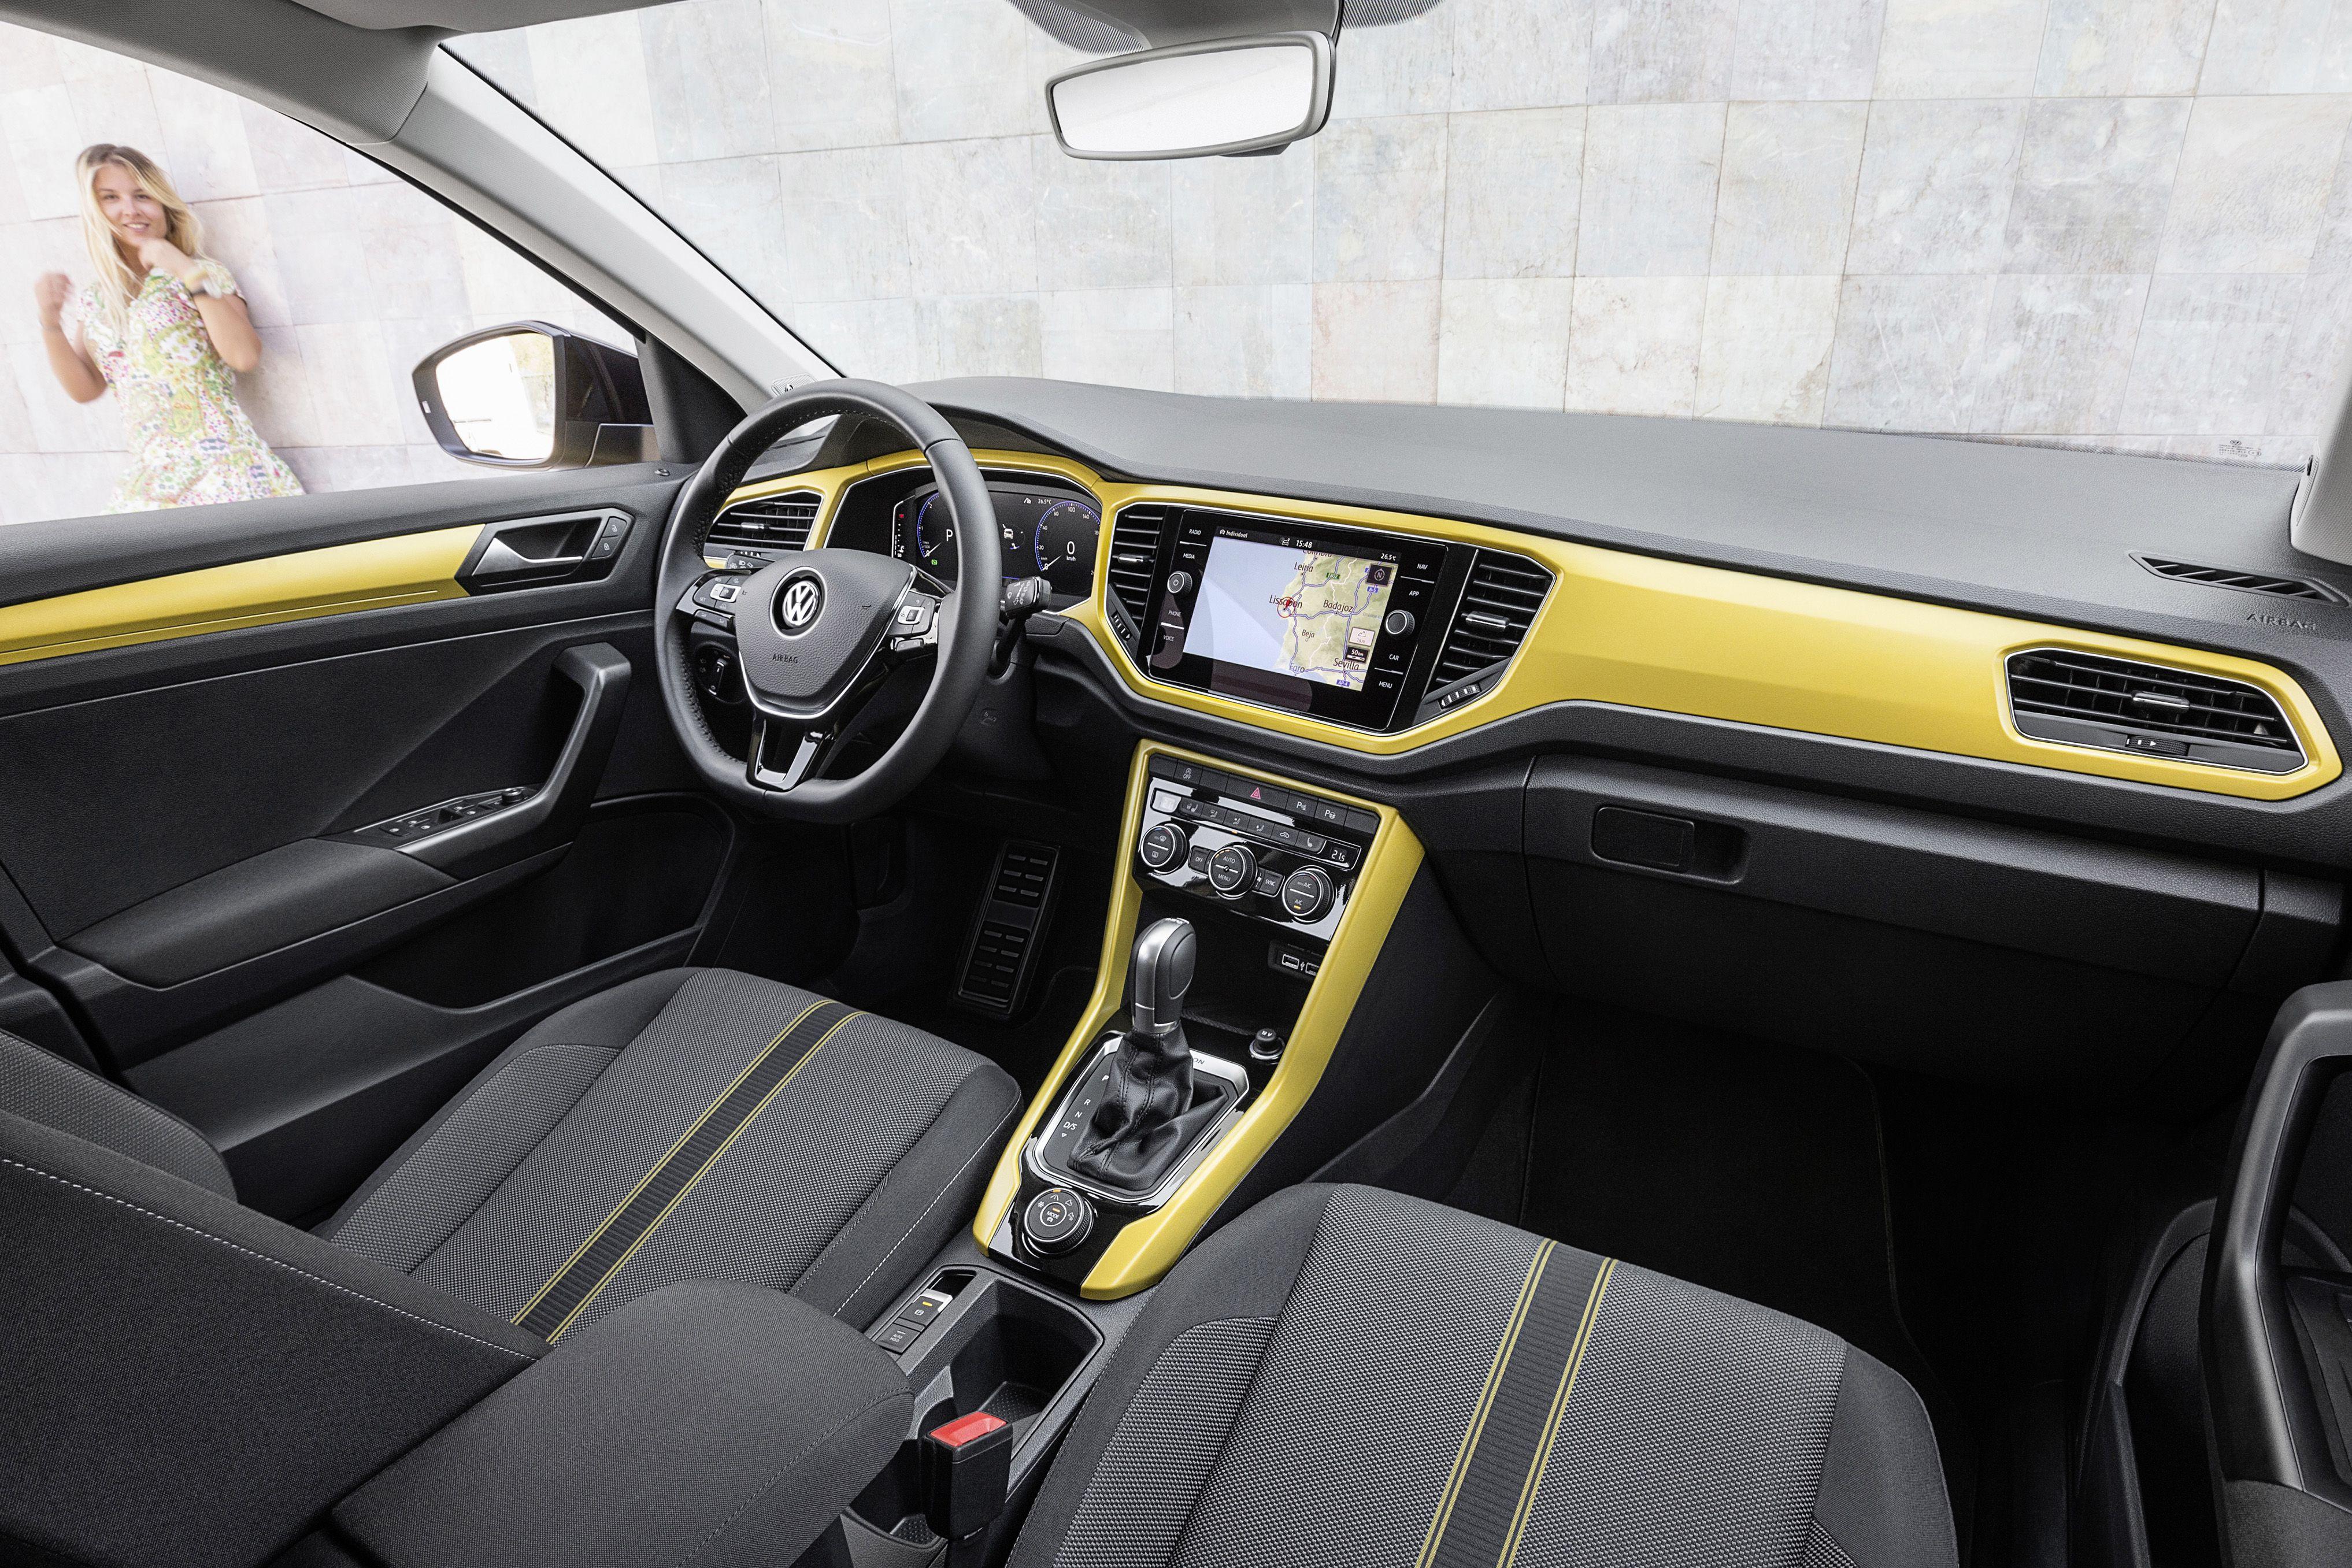 Interior of yellow Volkswagen T-Roc